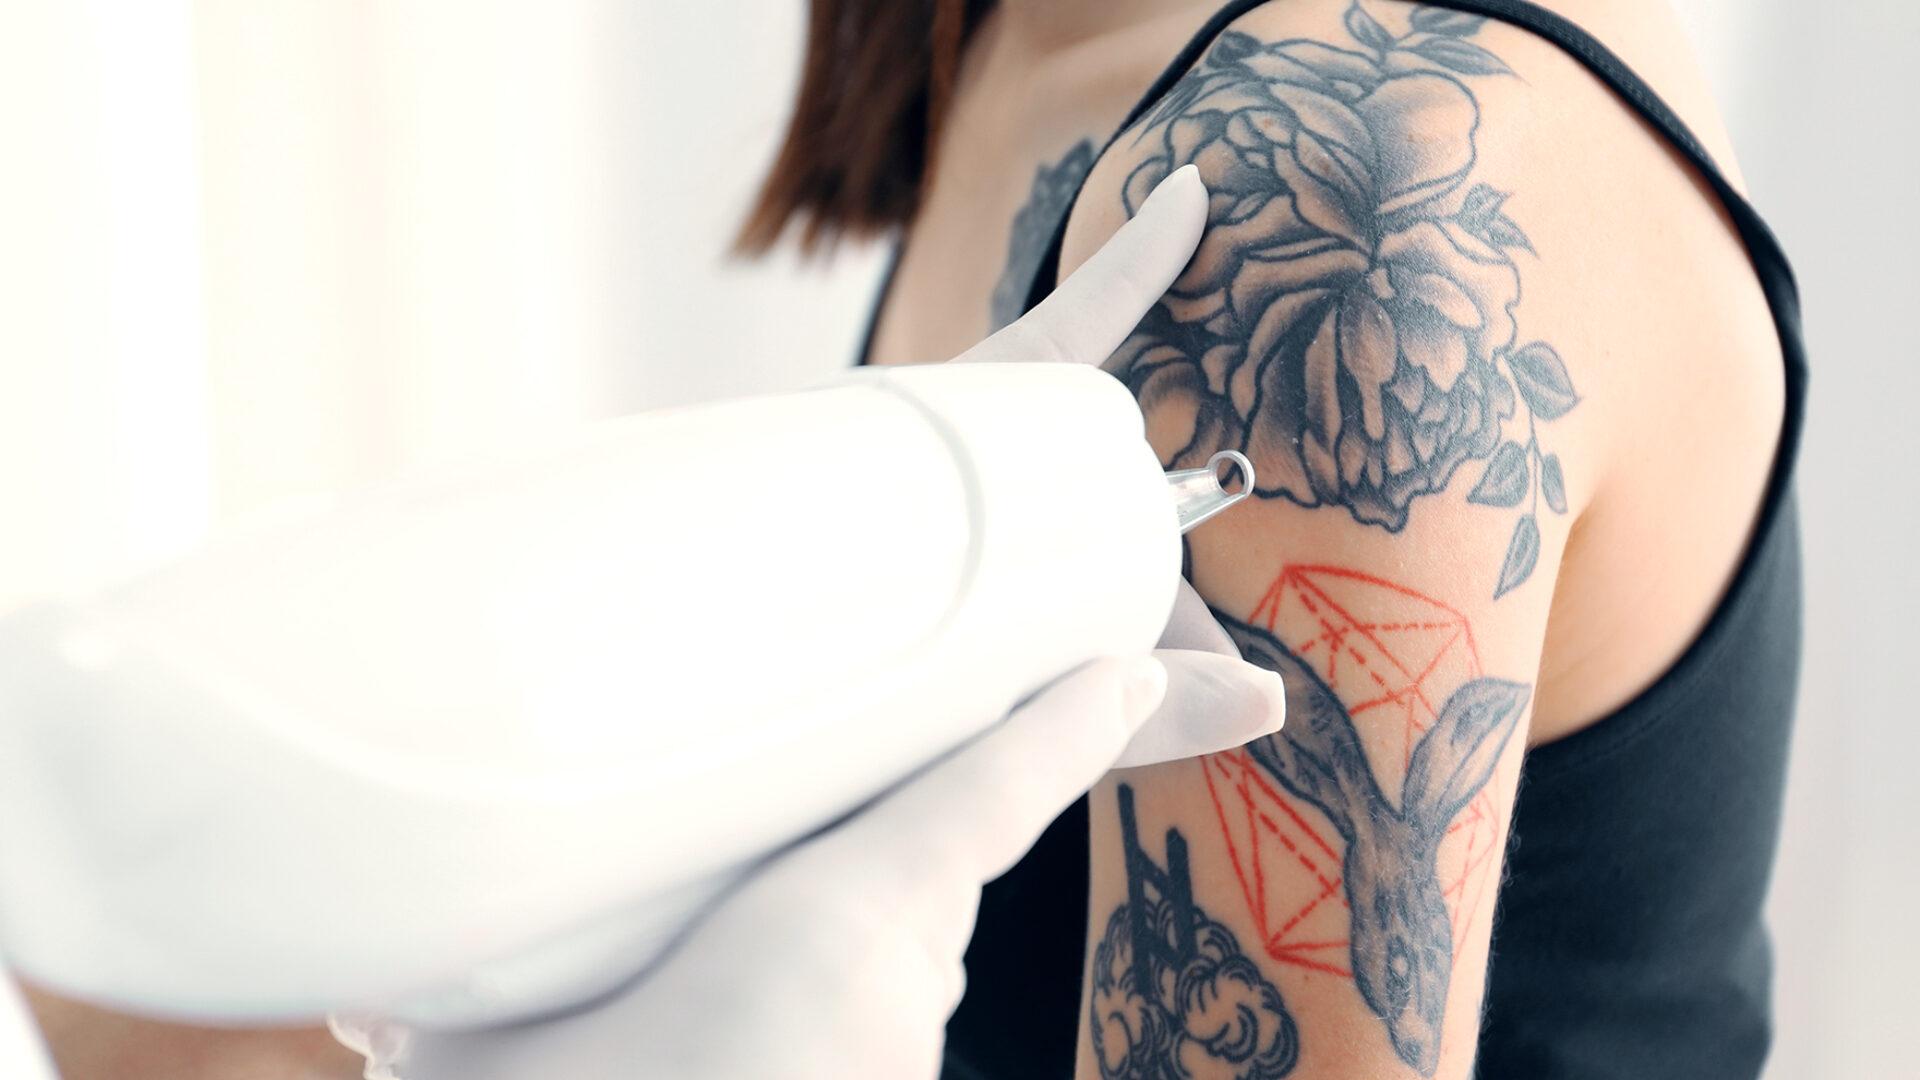 Entfernung von Tattoos.